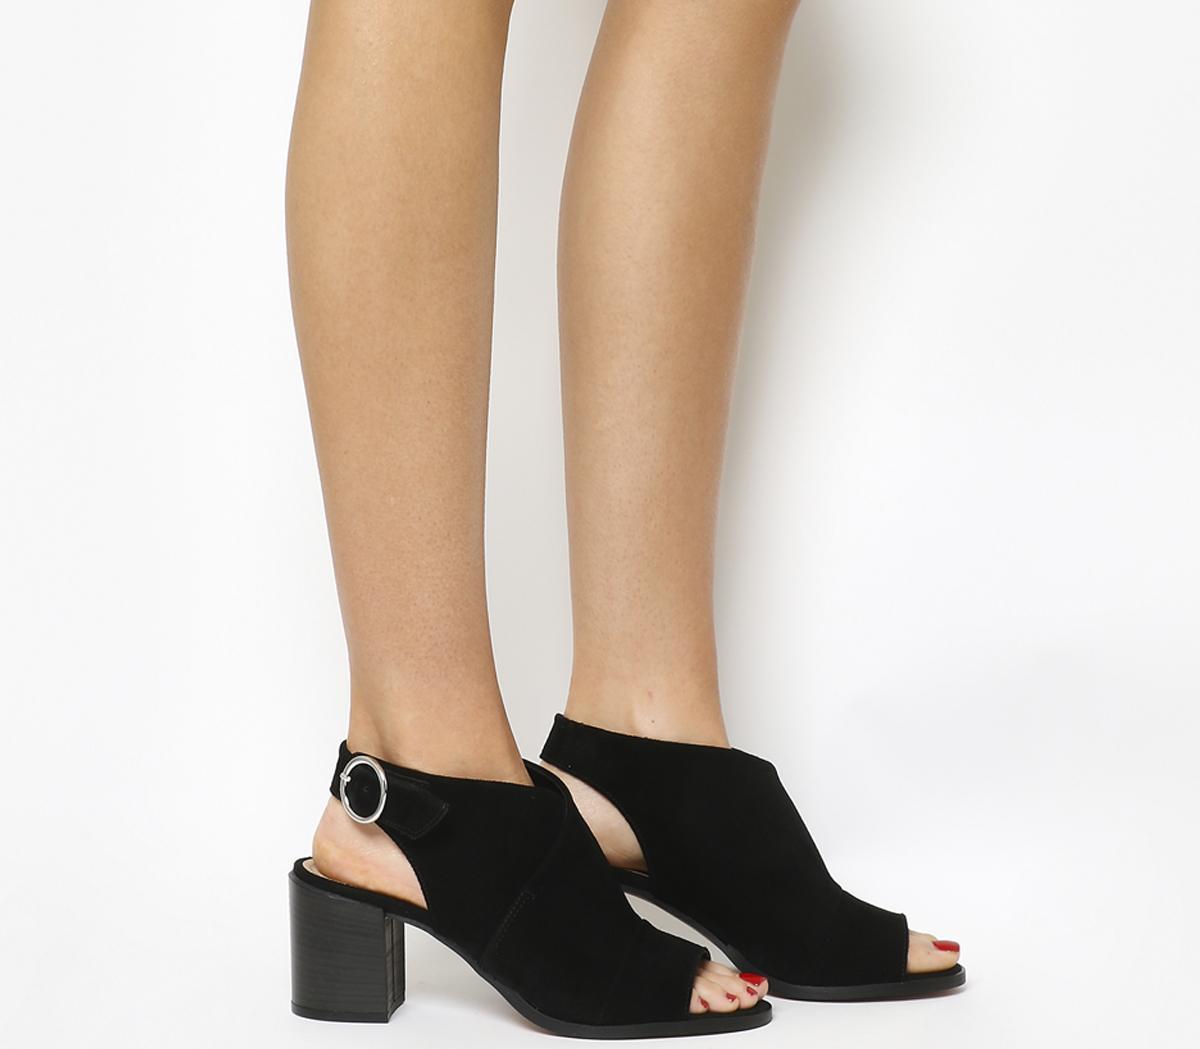 Mysterious Block Heel Shoe Boots